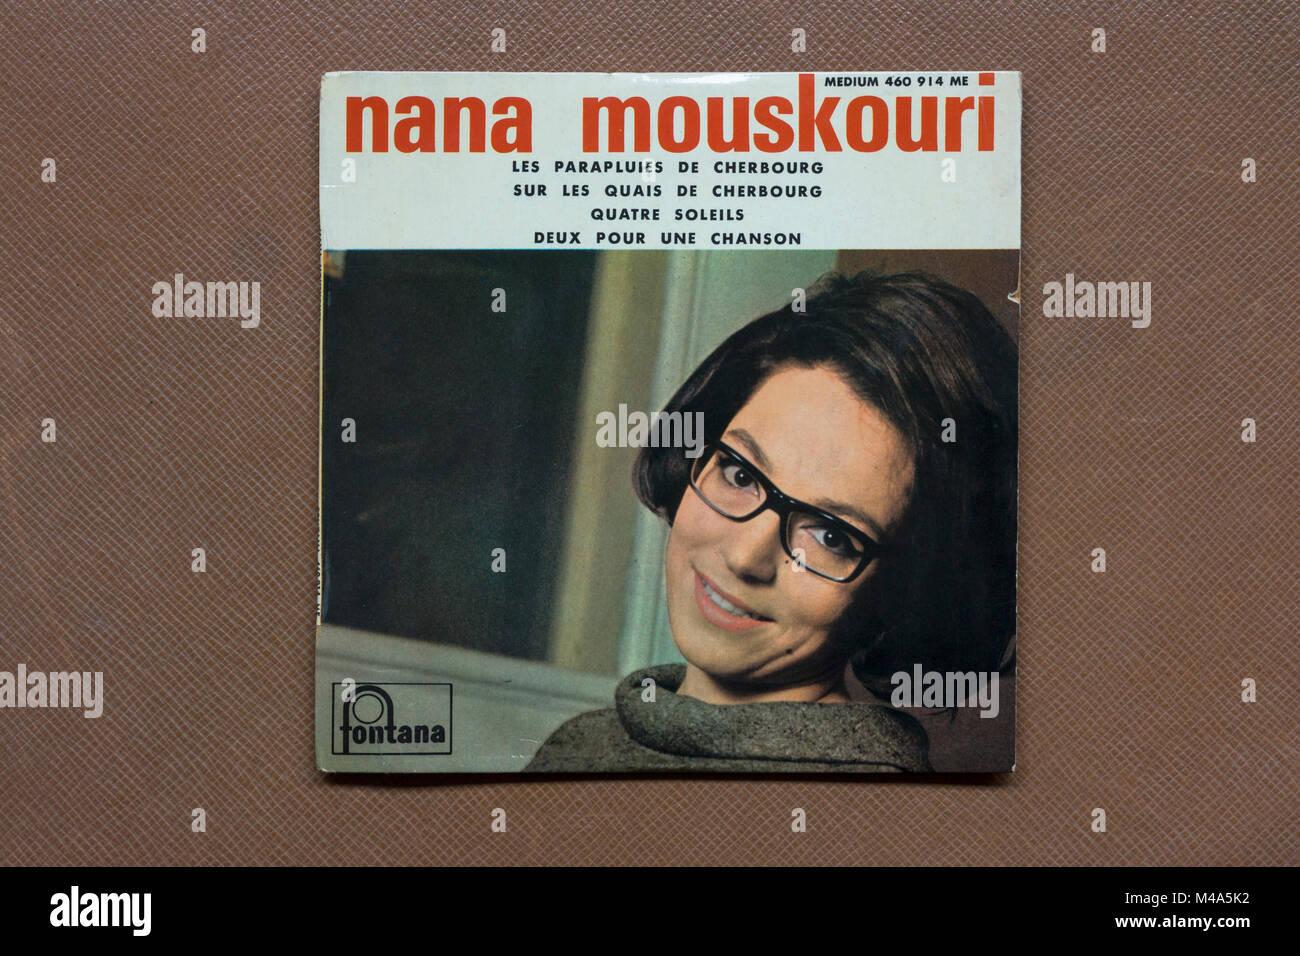 """""""Les Parapluies De Cherbourg """" 45rpm single record (1964) by Nana Mouskouri Stock Photo"""